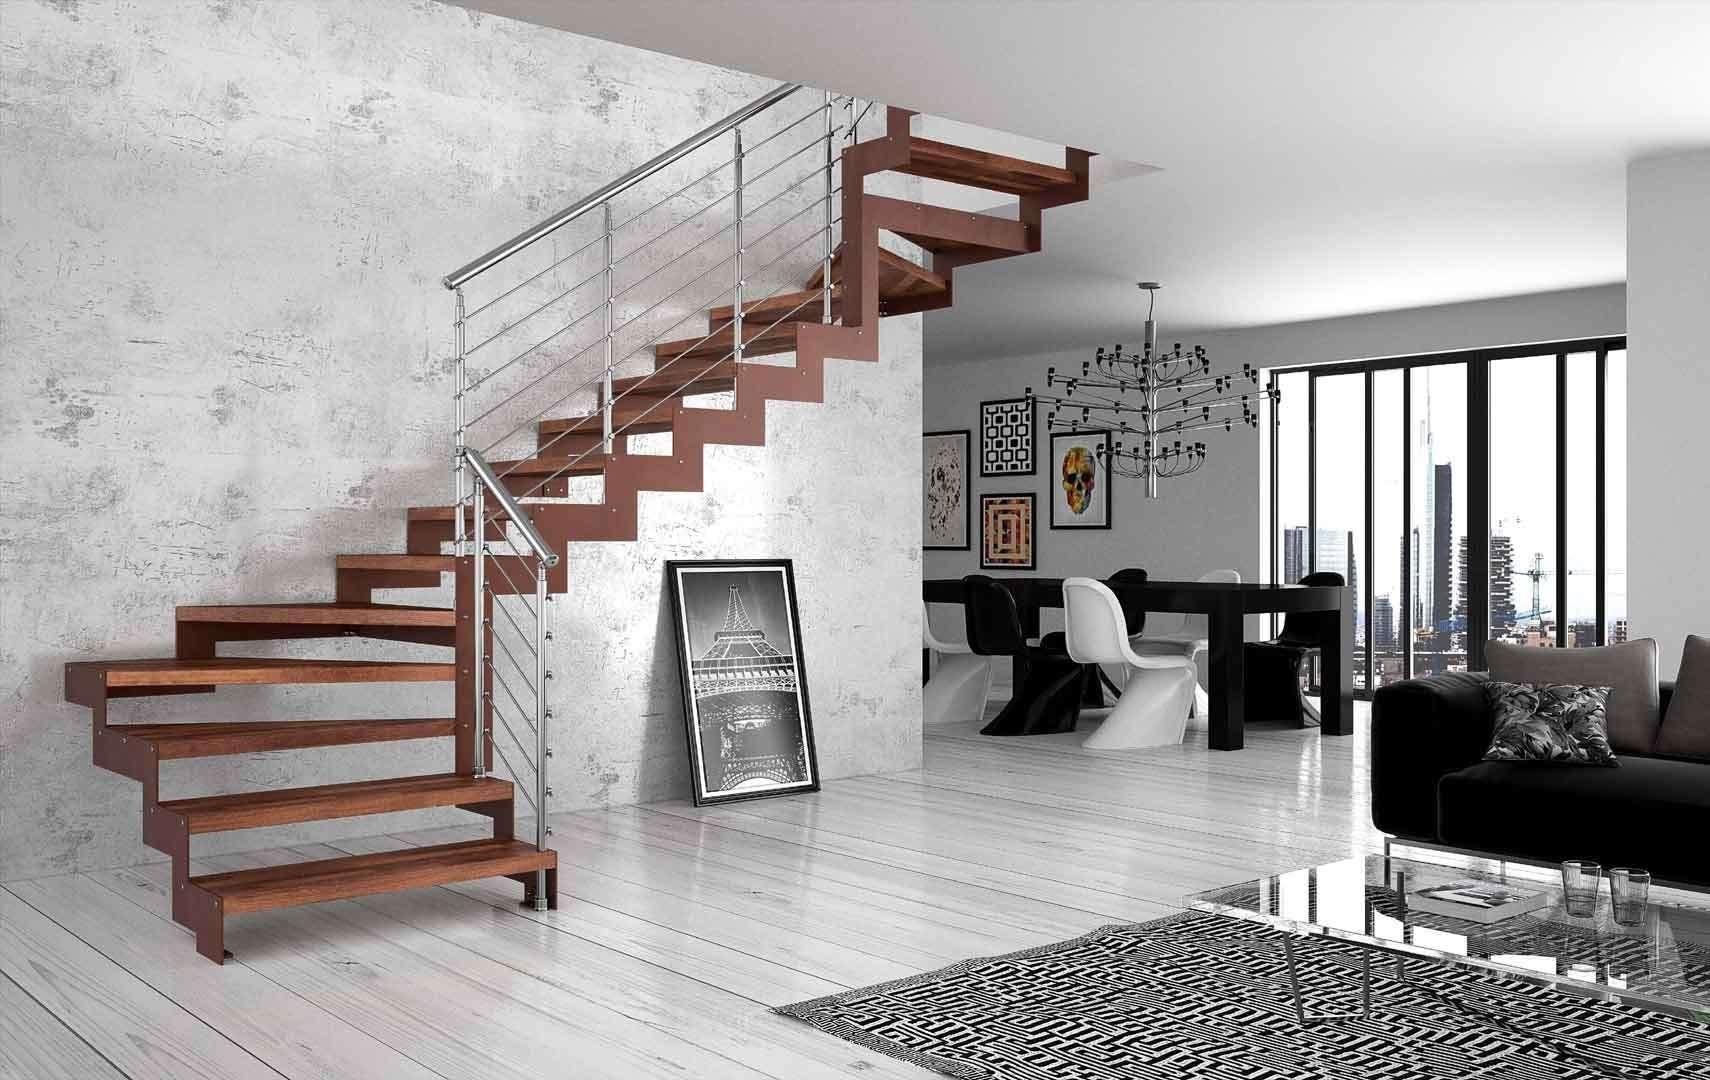 Conosciuto ᐅ Scale interne moderne in legno: scegli i modelli più apprezzati  RS38